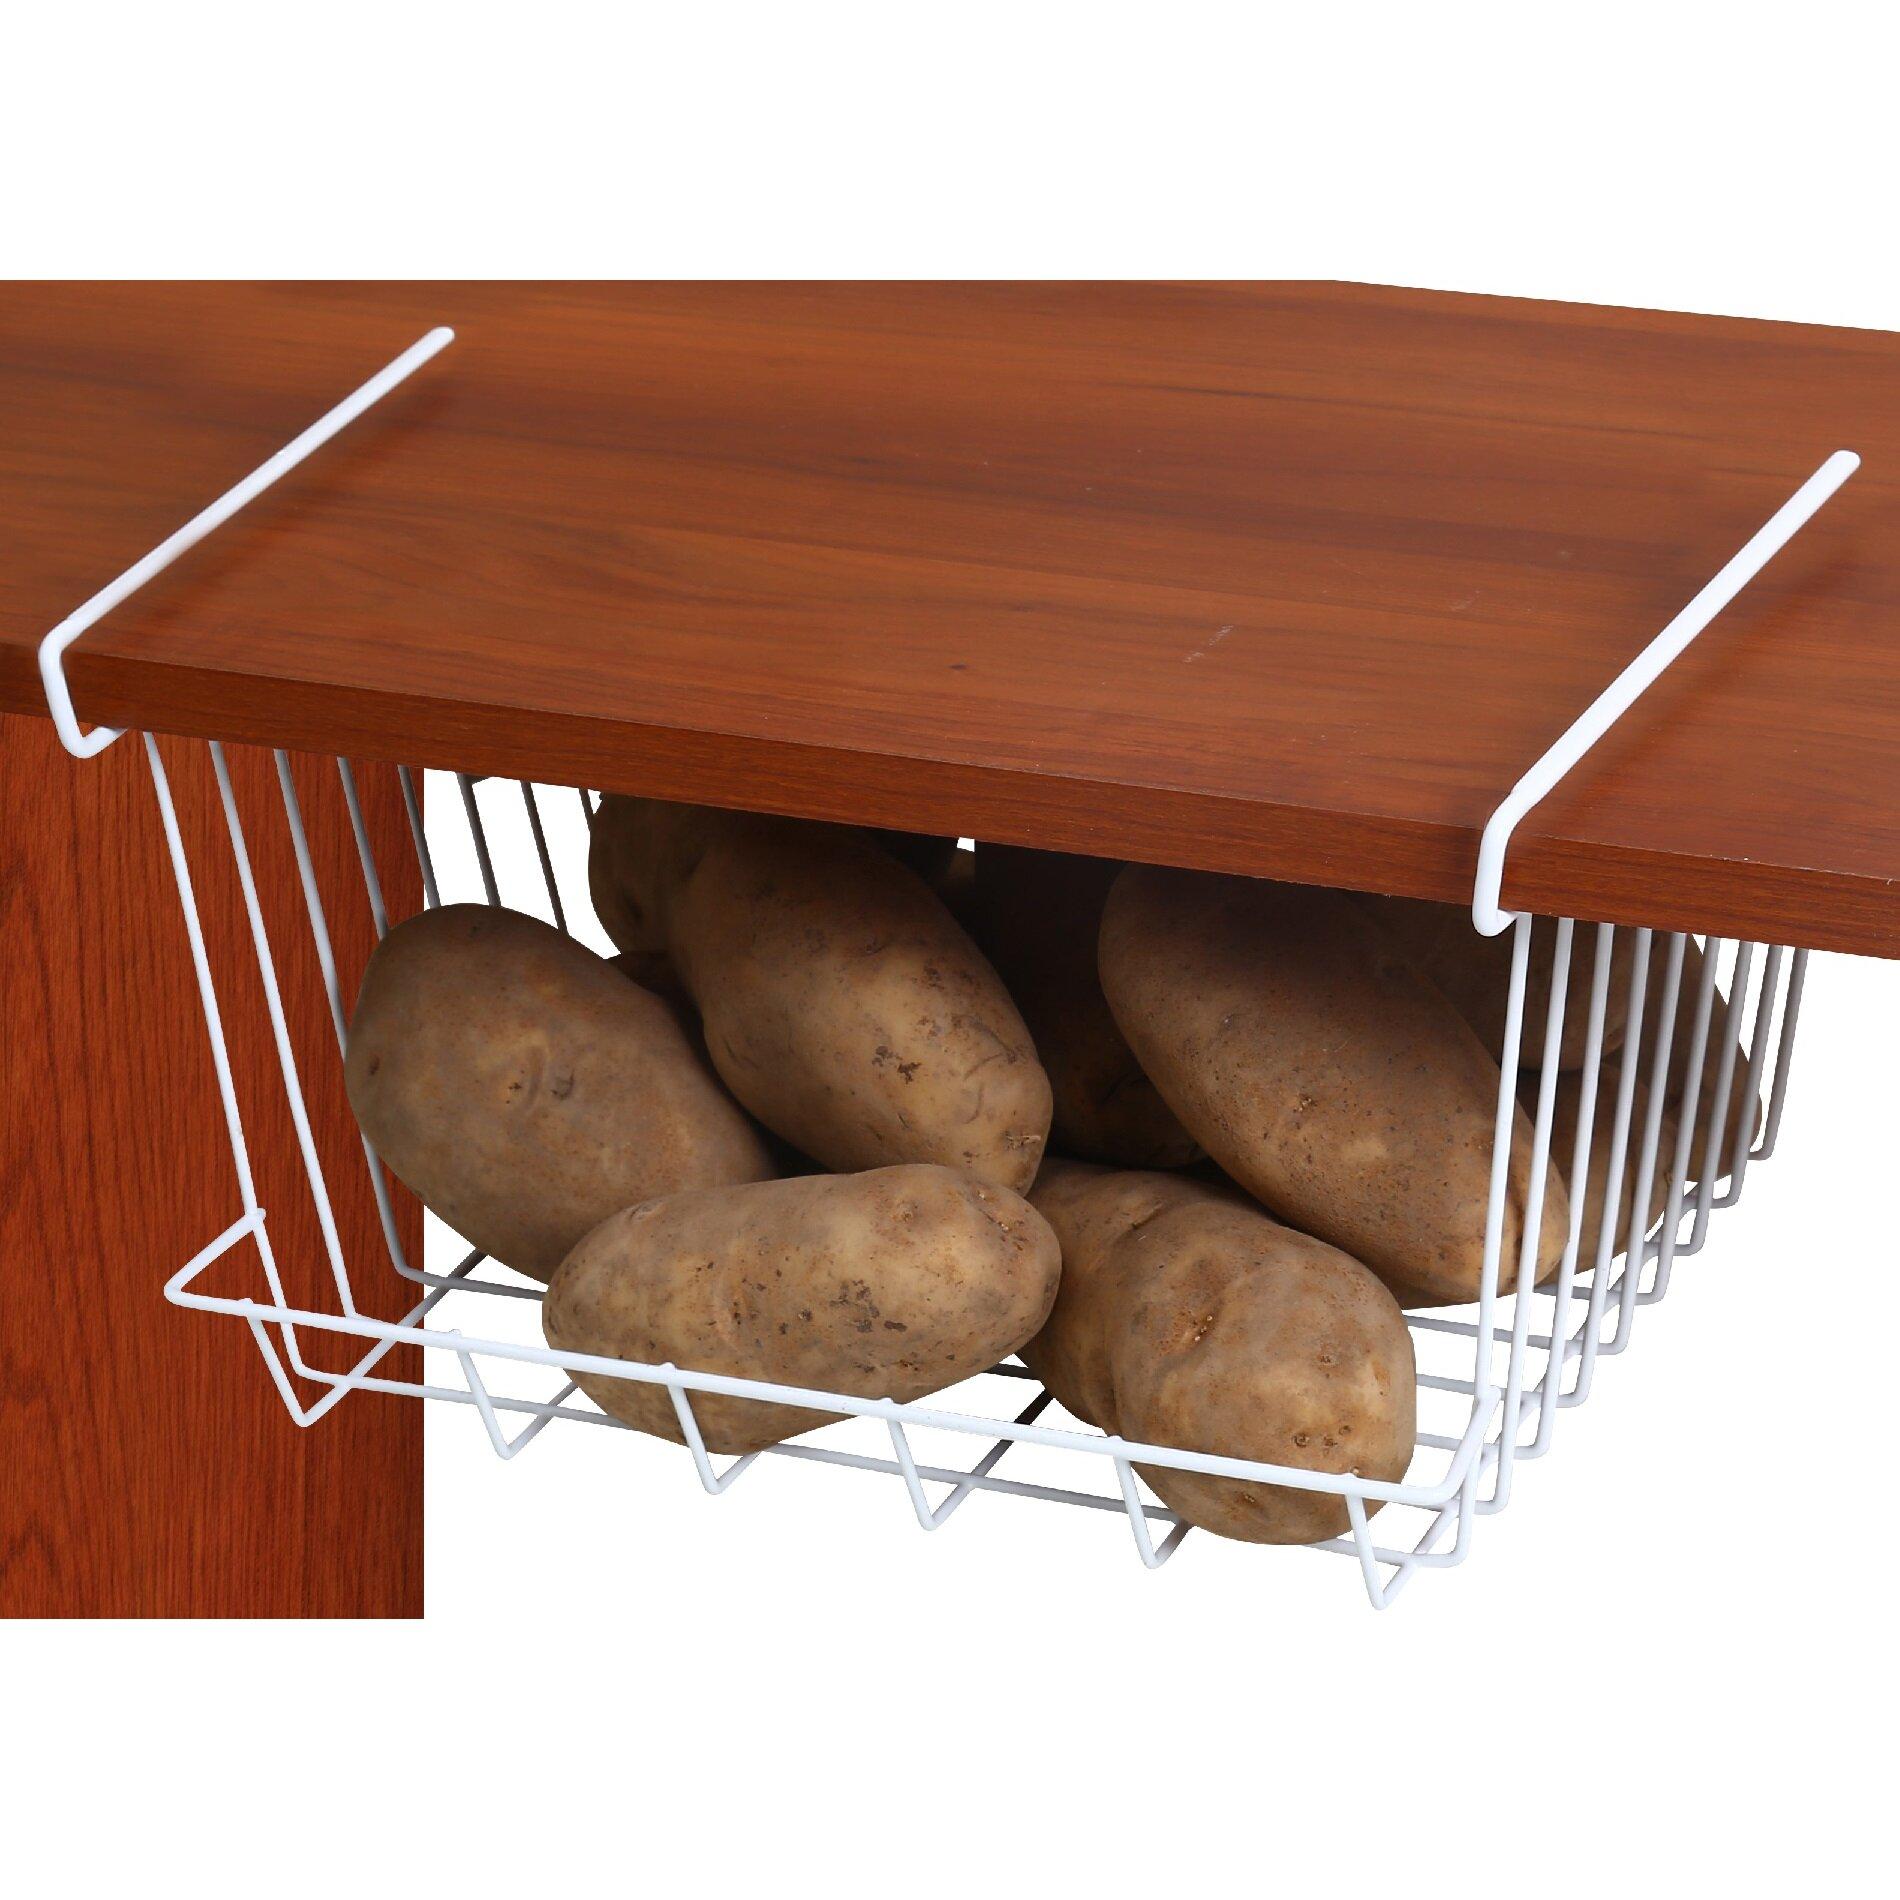 ybm home under shelf storage basket reviews wayfair. Black Bedroom Furniture Sets. Home Design Ideas